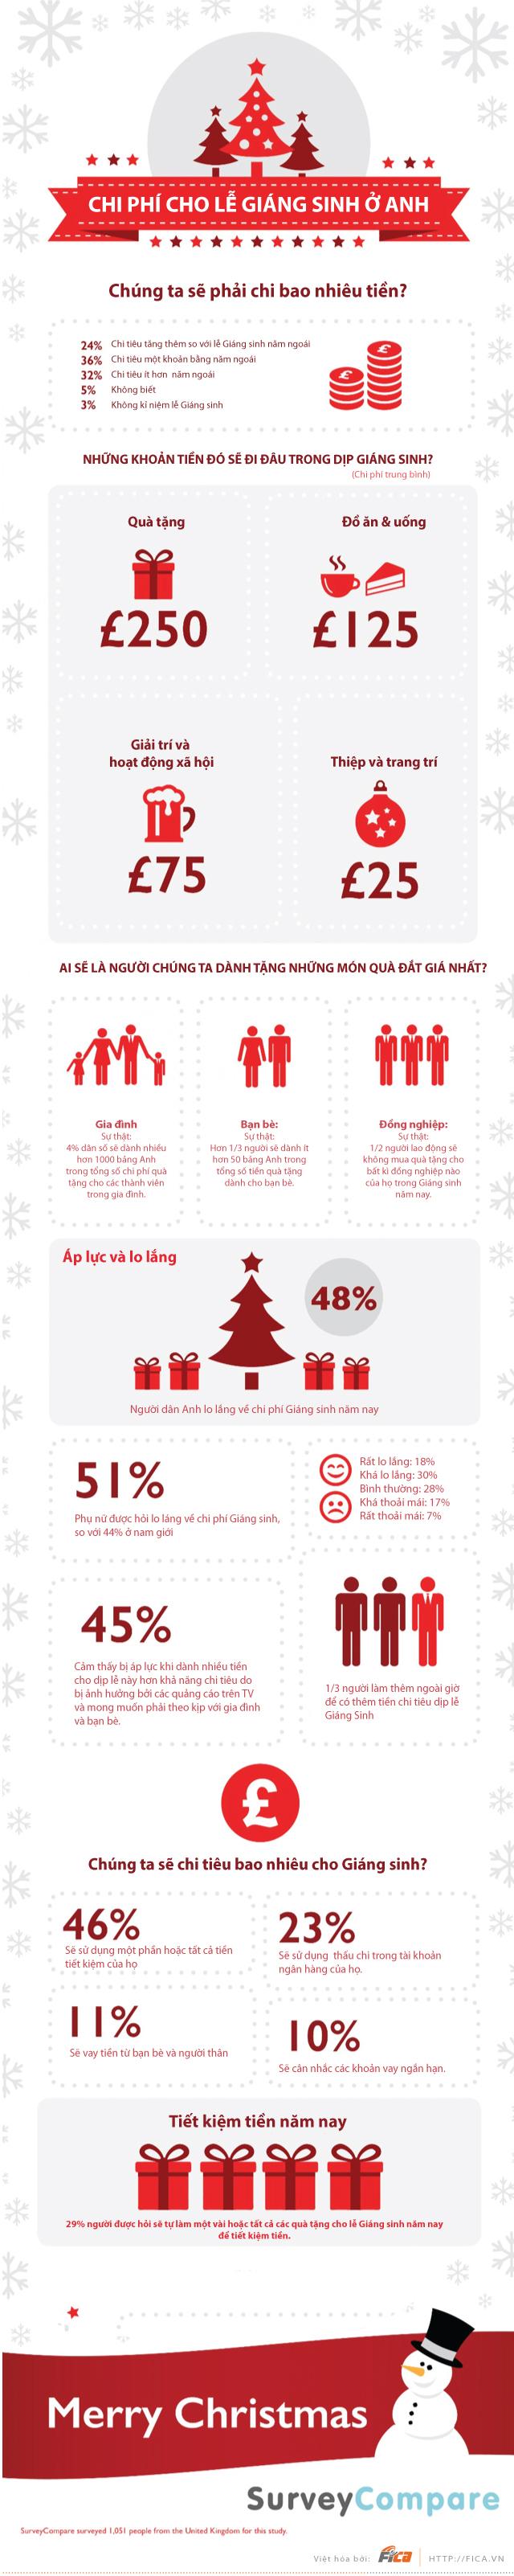 [INFOGRAPHIC] Chi phí cho lễ giáng sinh ở Anh